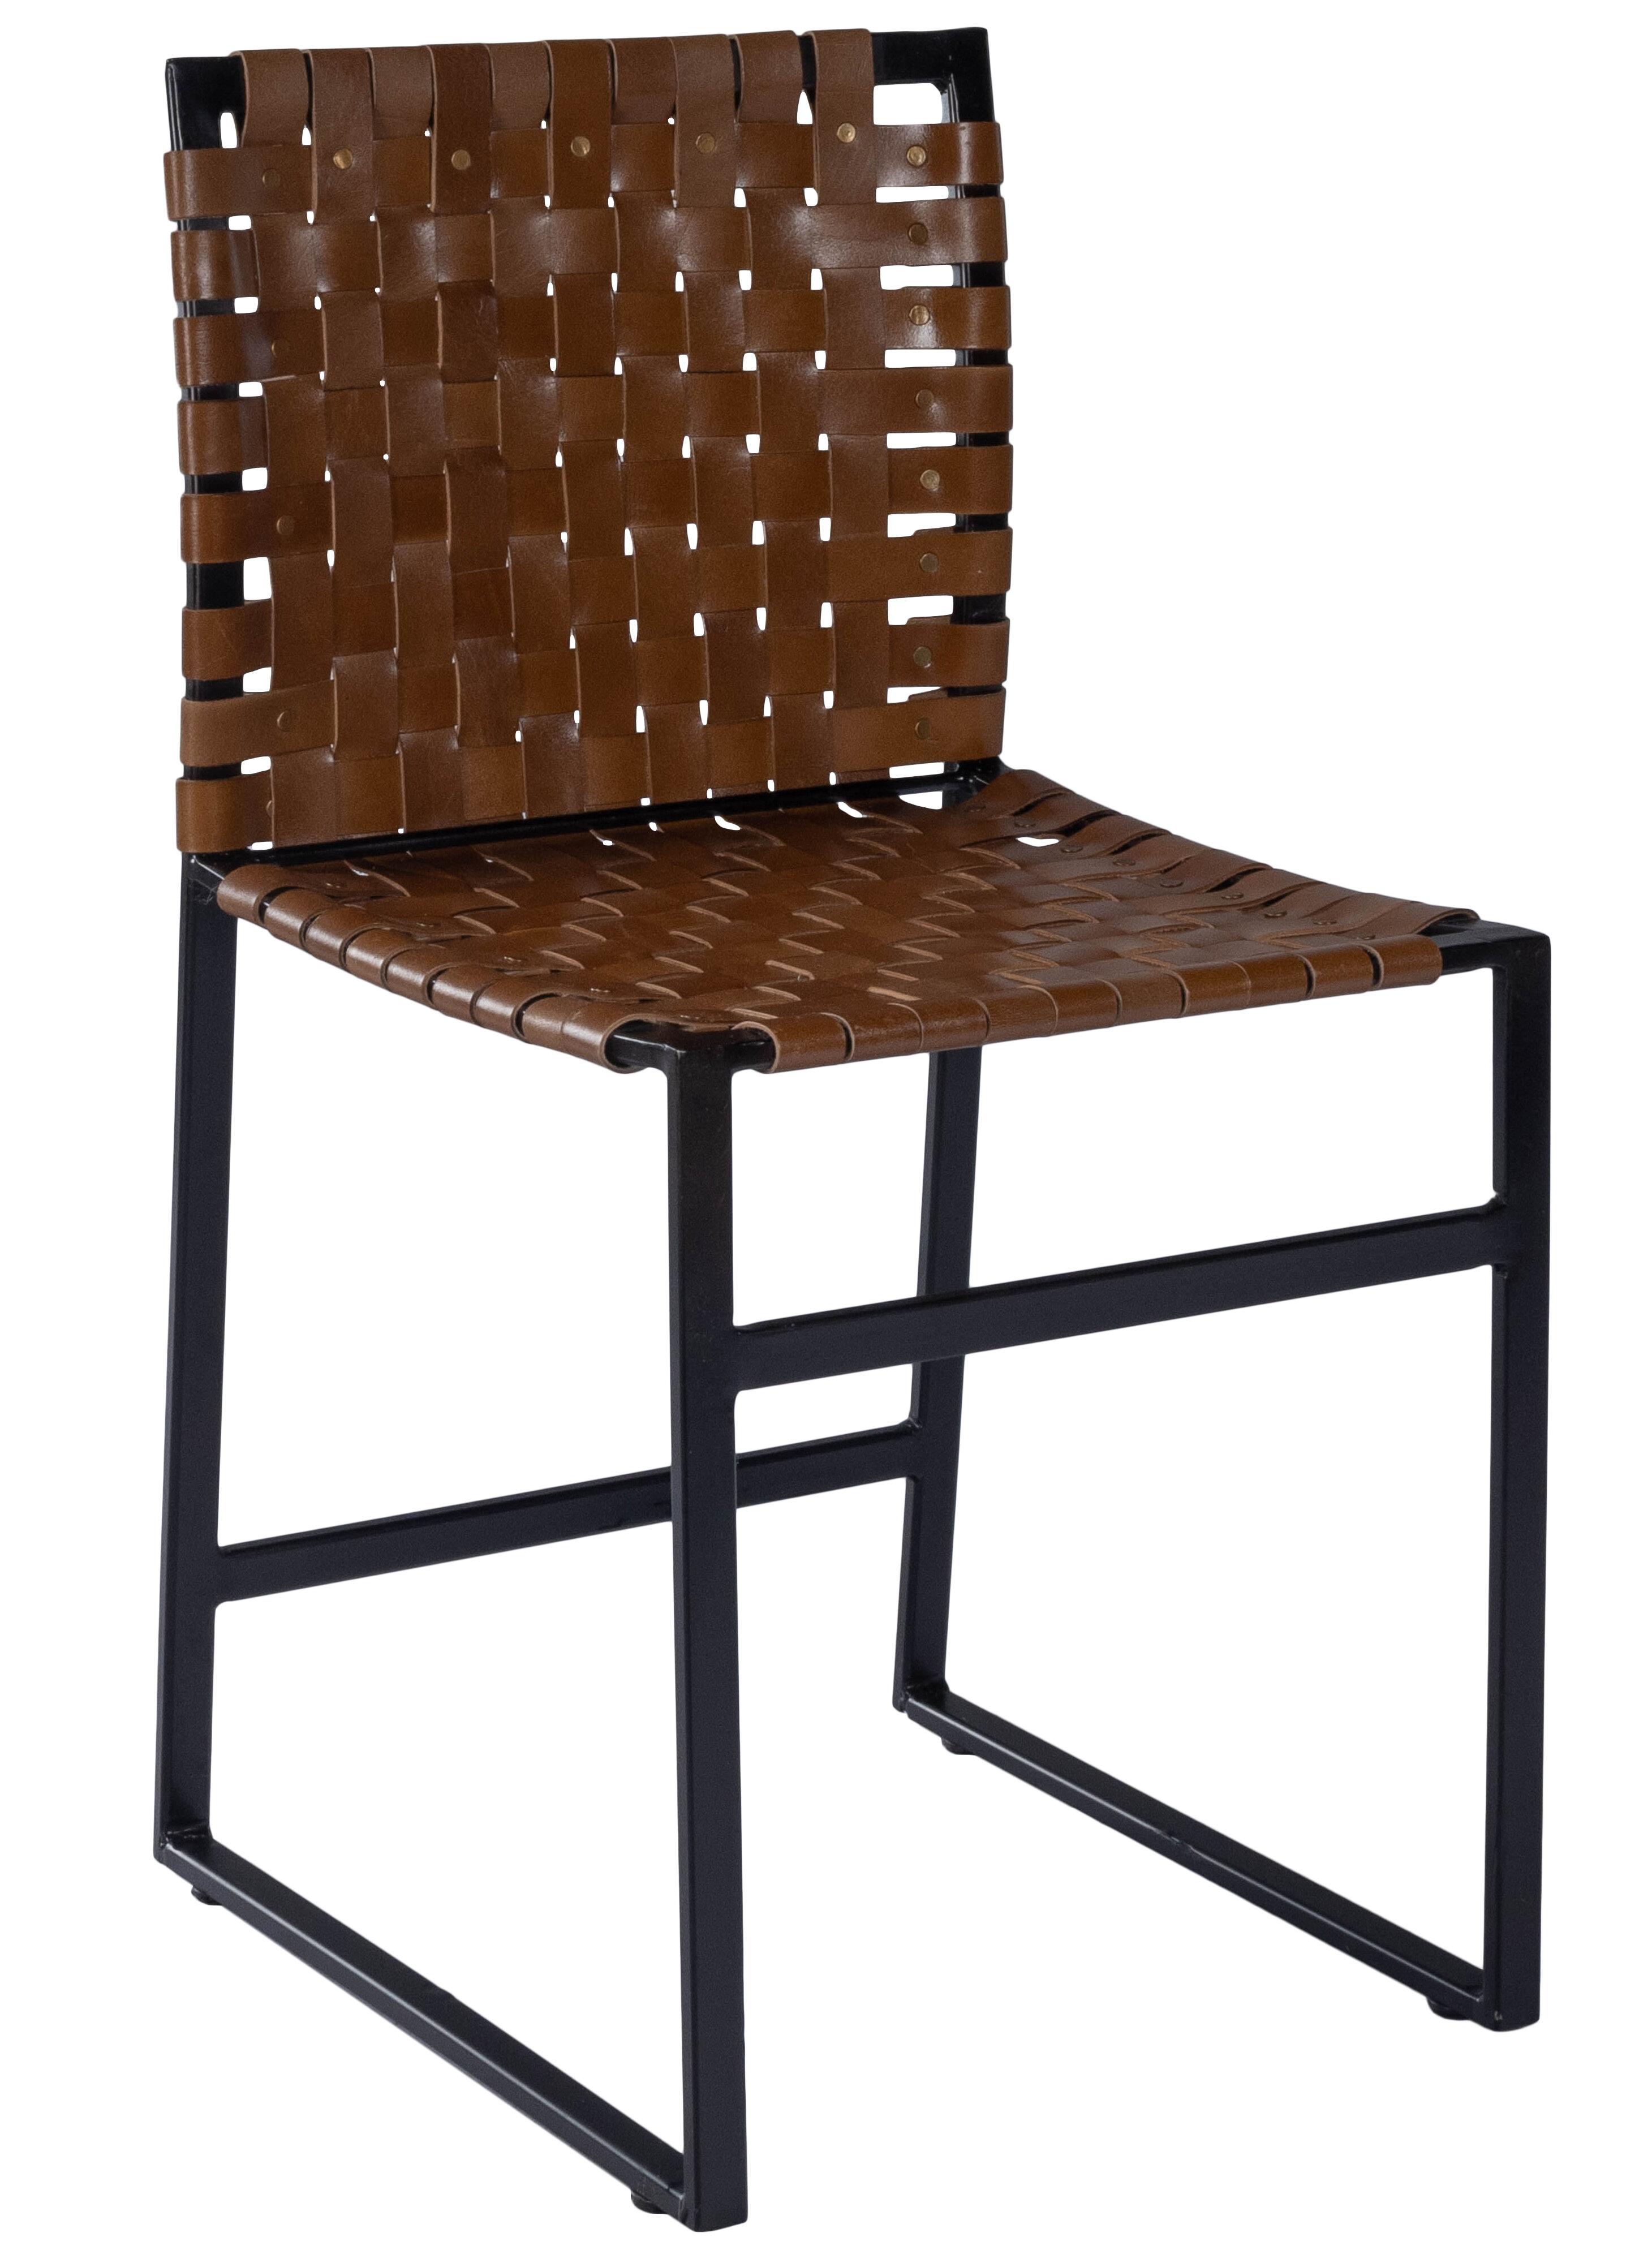 Joss Main Augusta Upholstered Dining Chair Reviews Wayfair